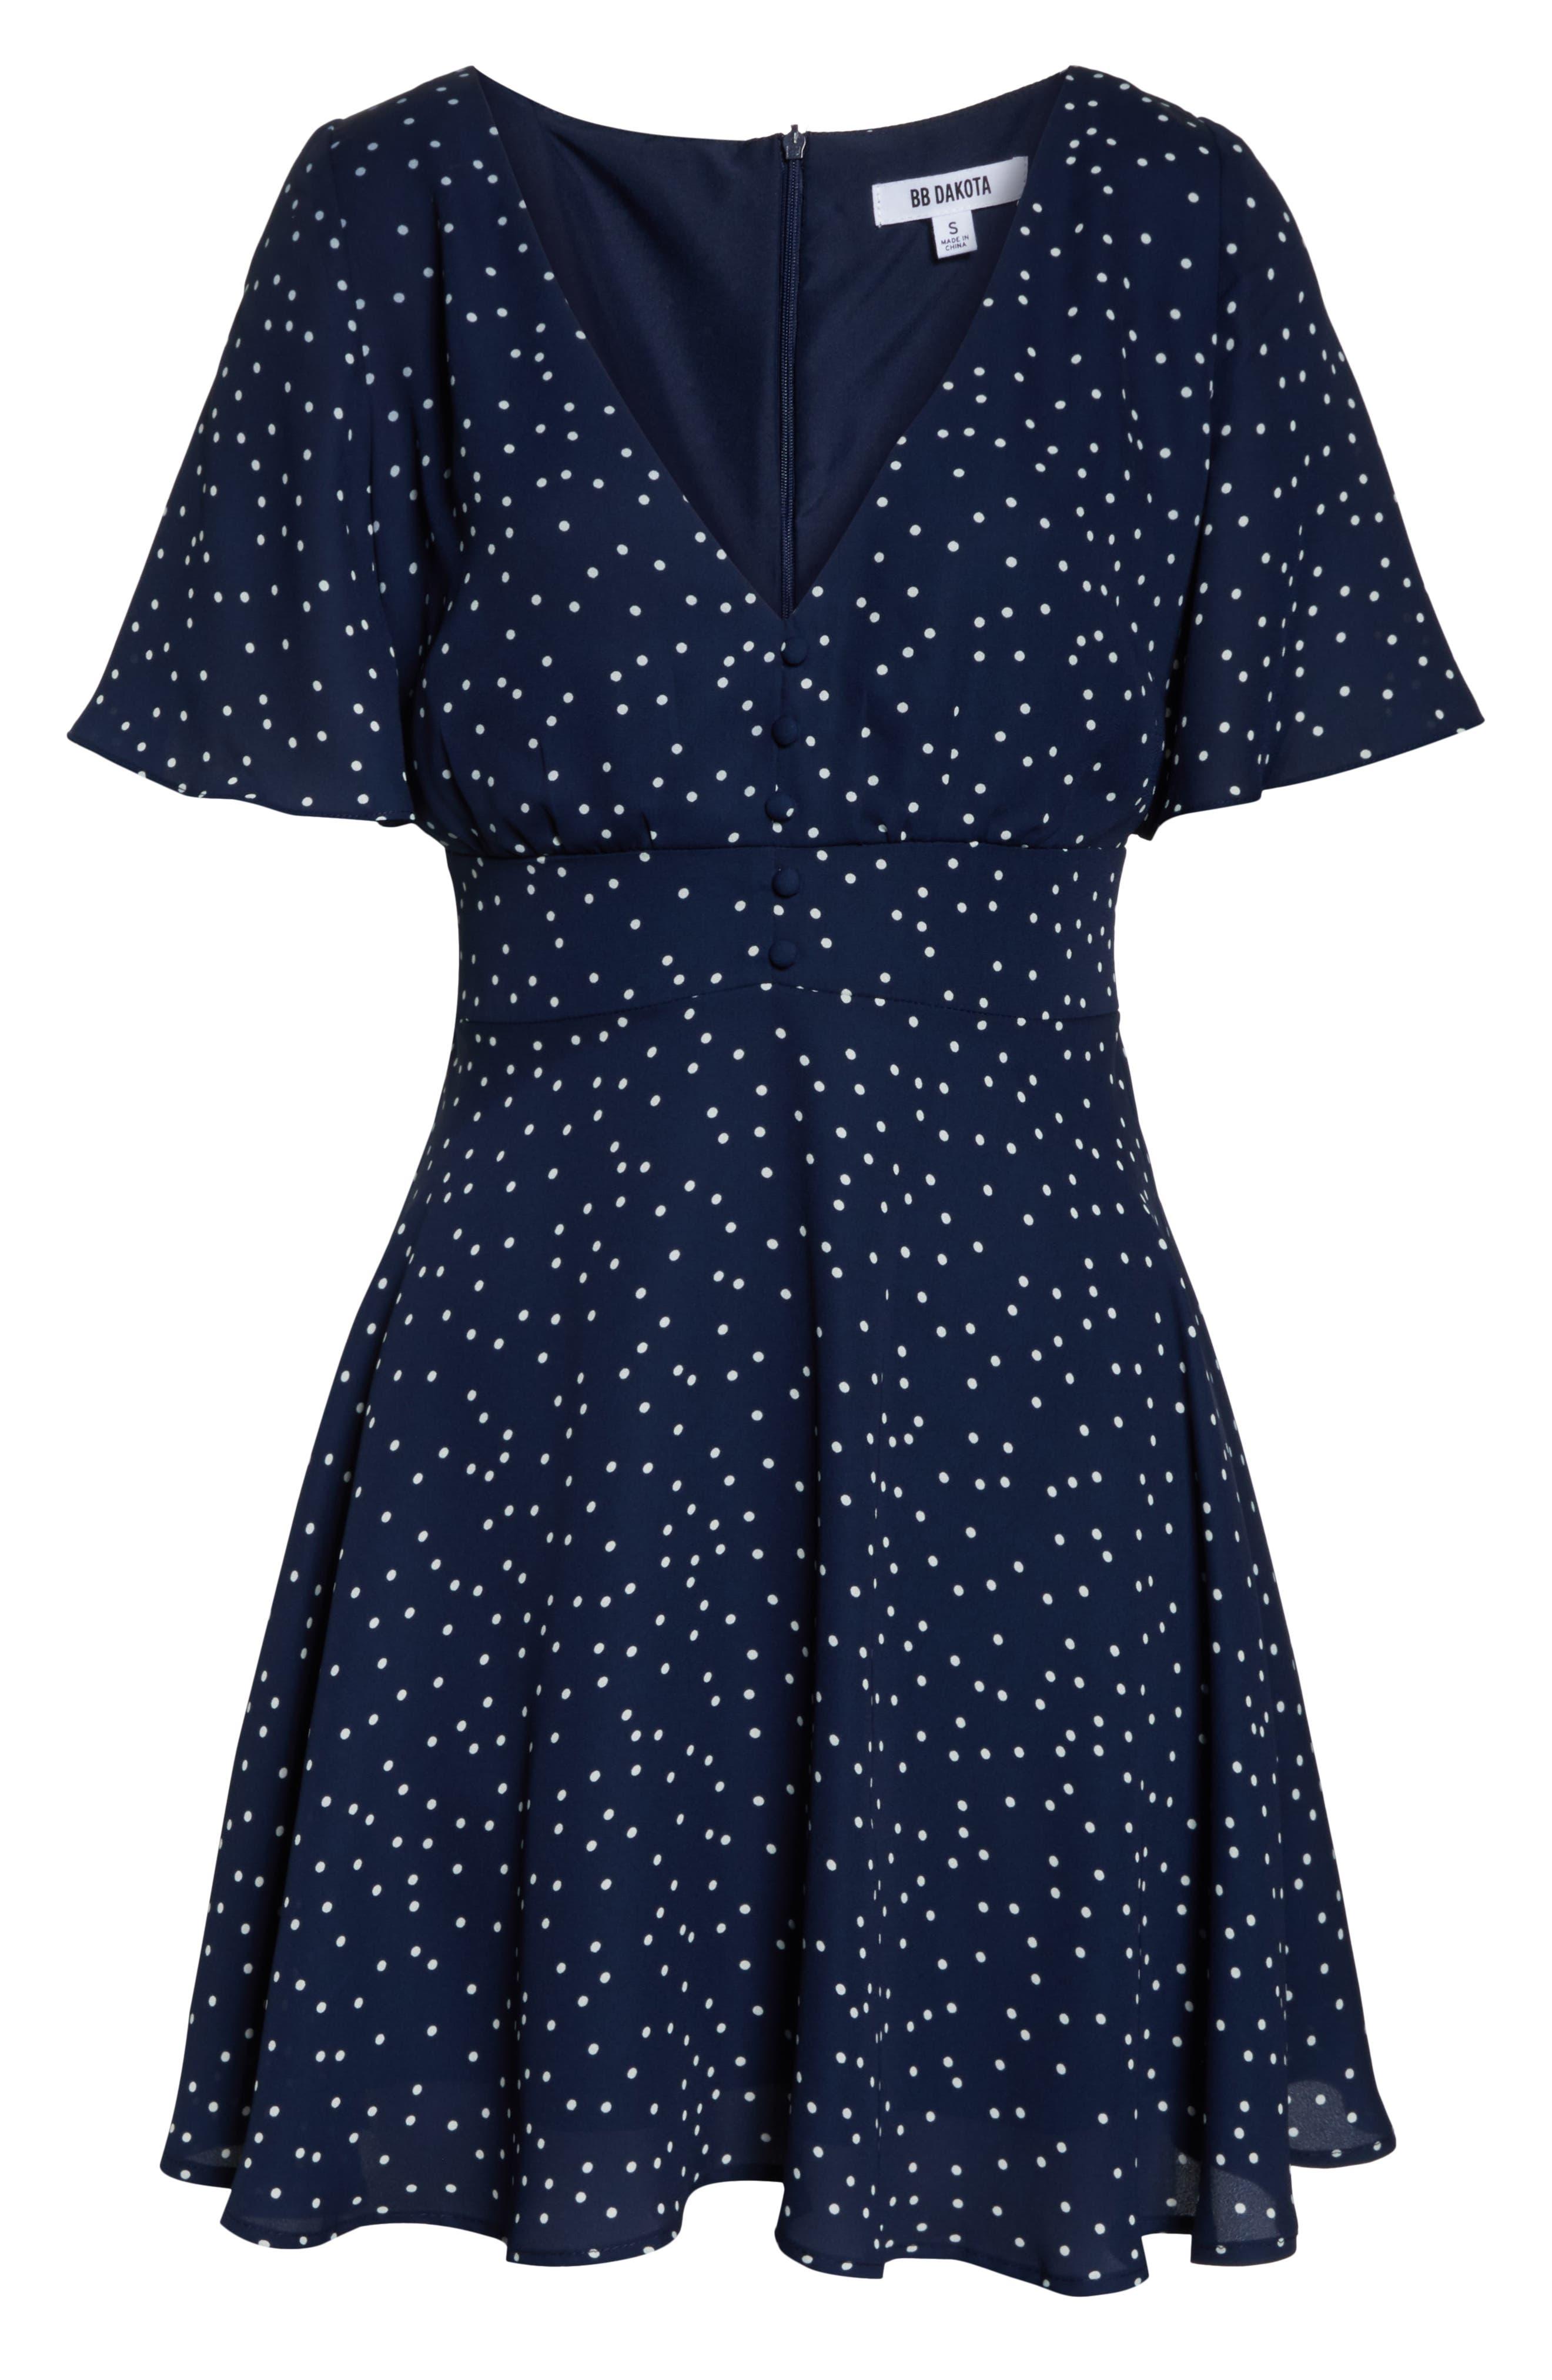 BB DAKOTA, La La Land Dot Flutter Dress, Alternate thumbnail 7, color, OIL SLICK